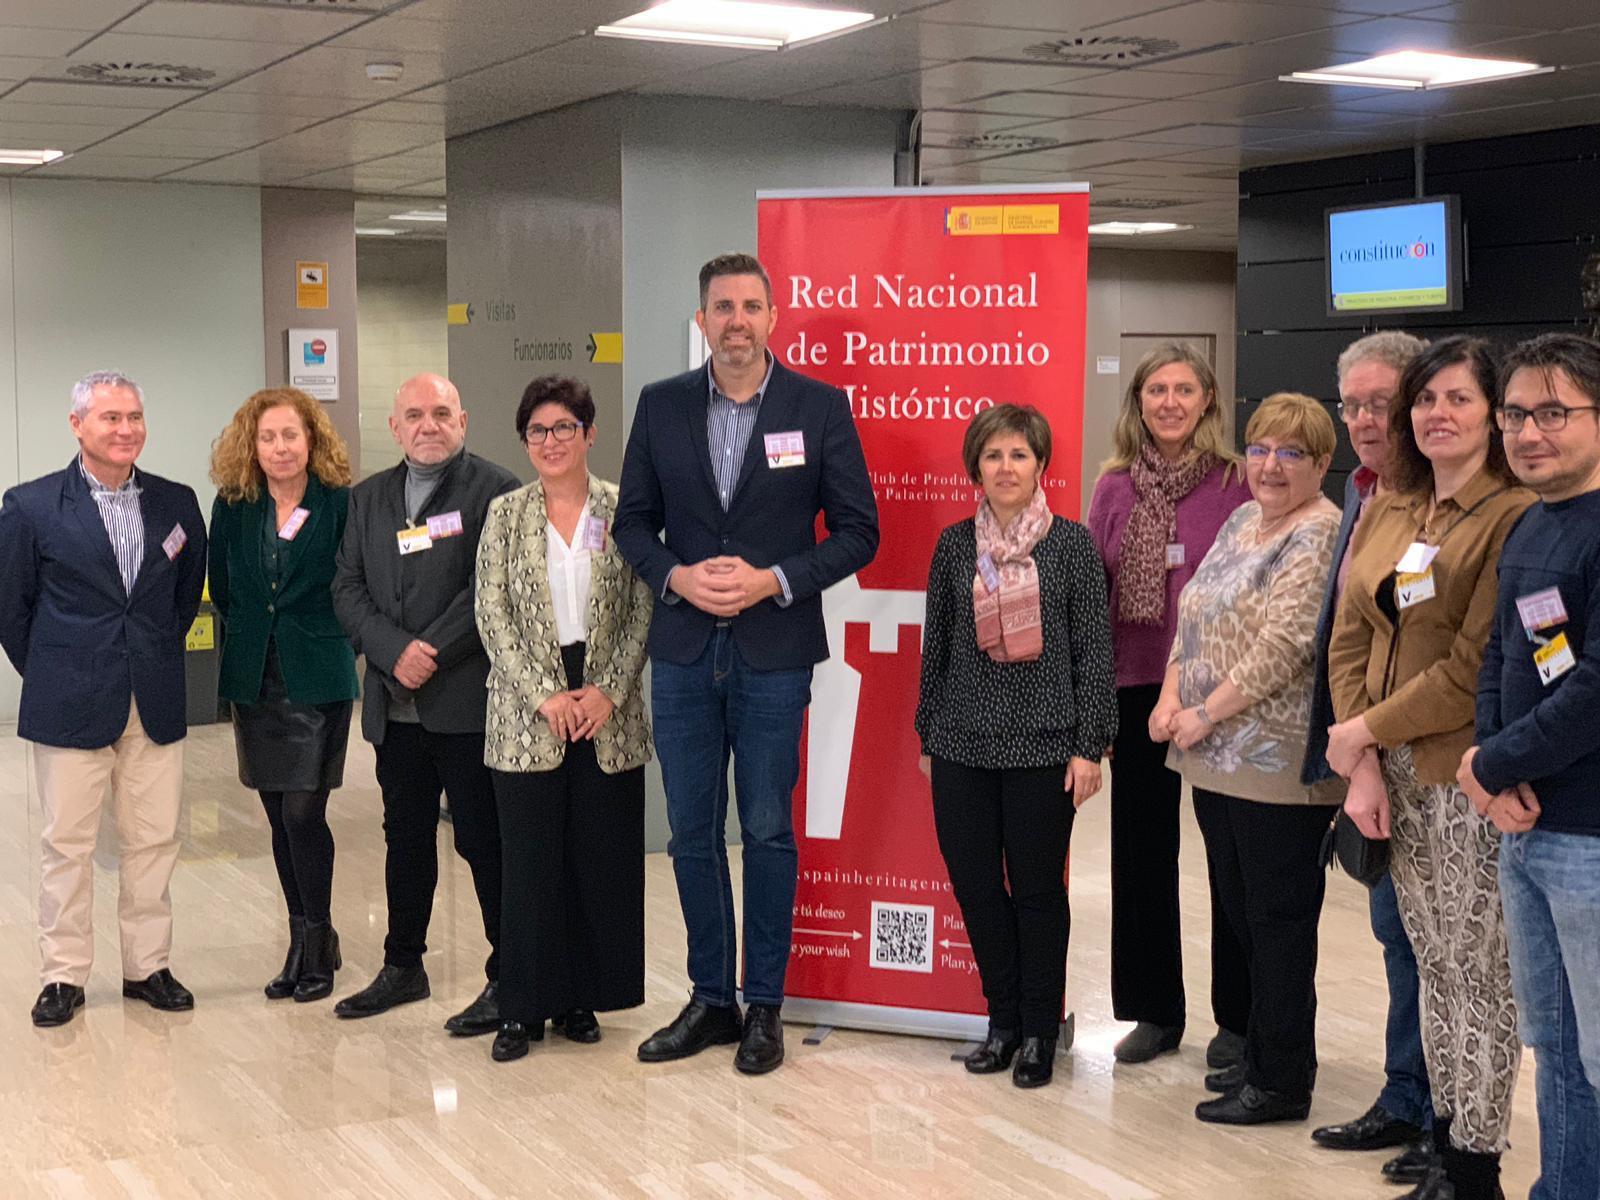 La red nacional está apoyada por el Ministerio de Turismo y Turespaña e impulsa el turismo cultural desde los castillos y palacios